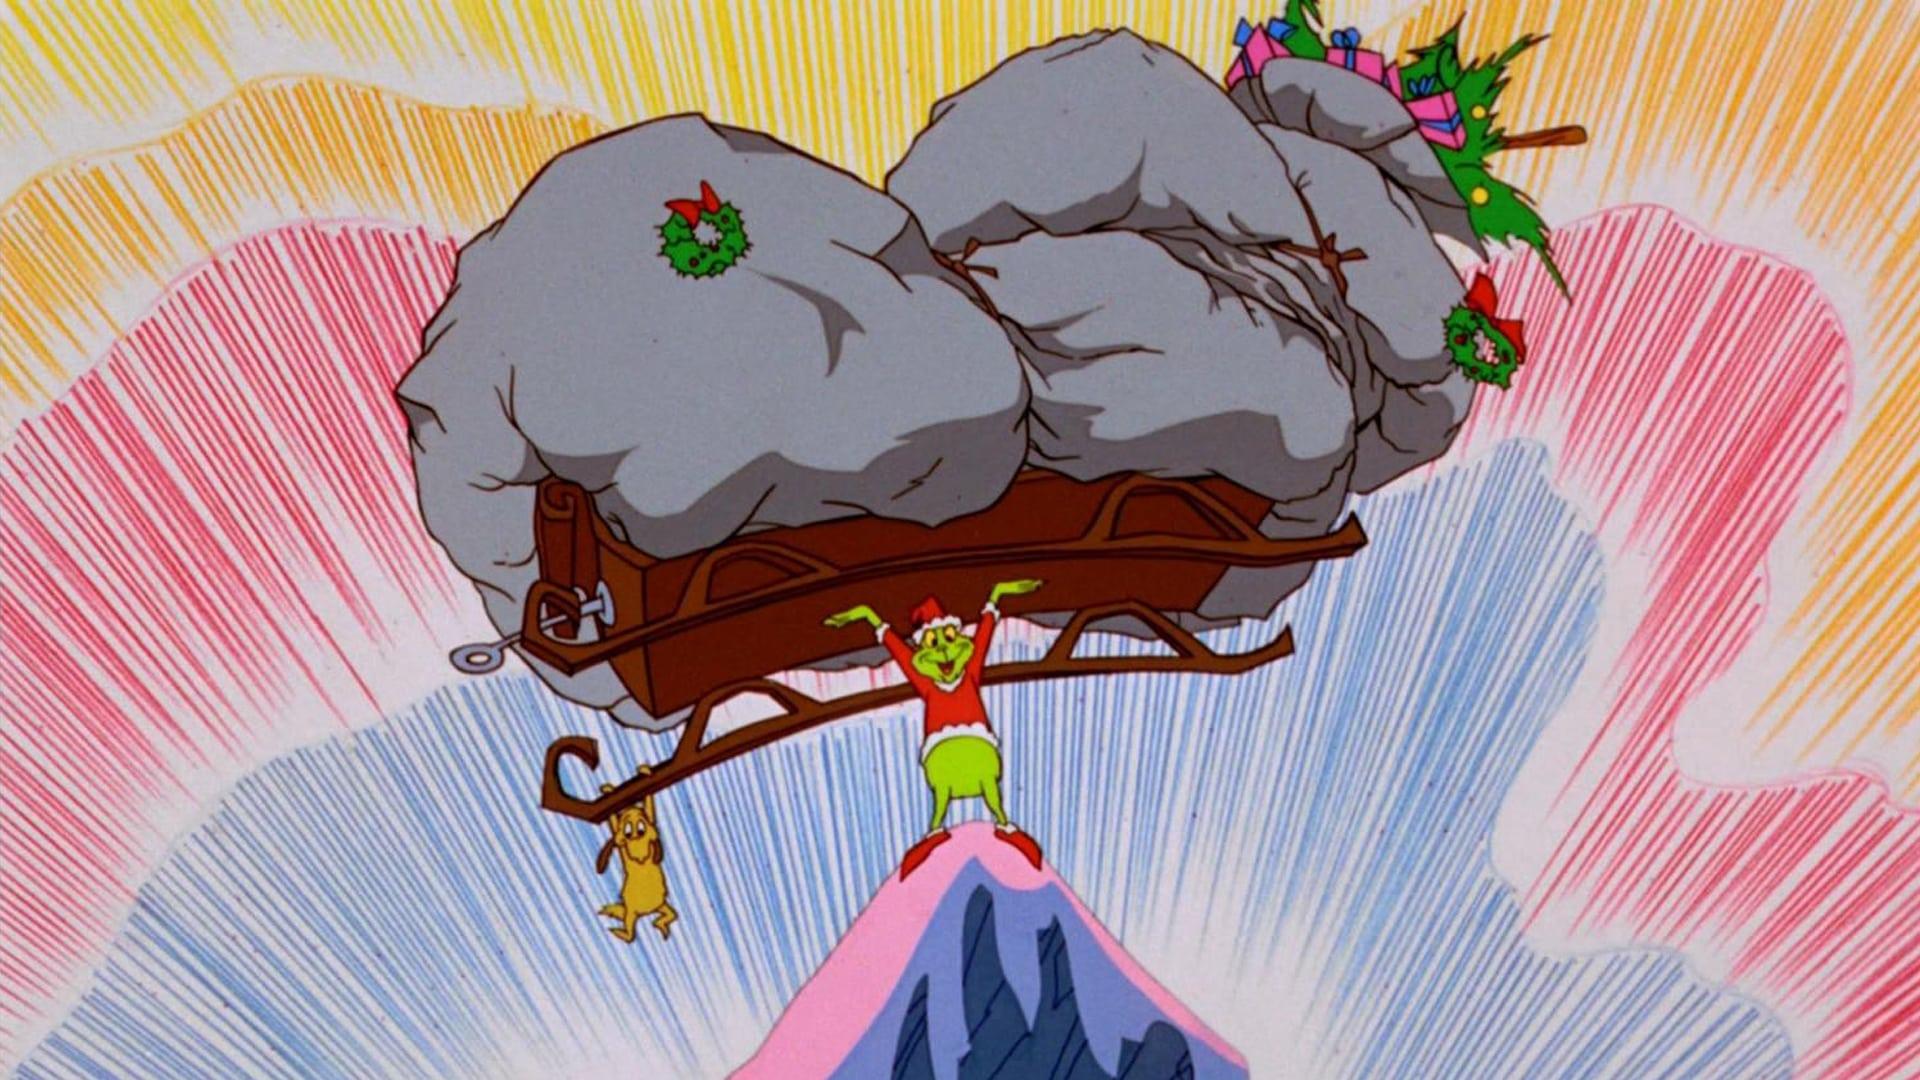 ¡Cómo el Grinch se robó la Navidad!